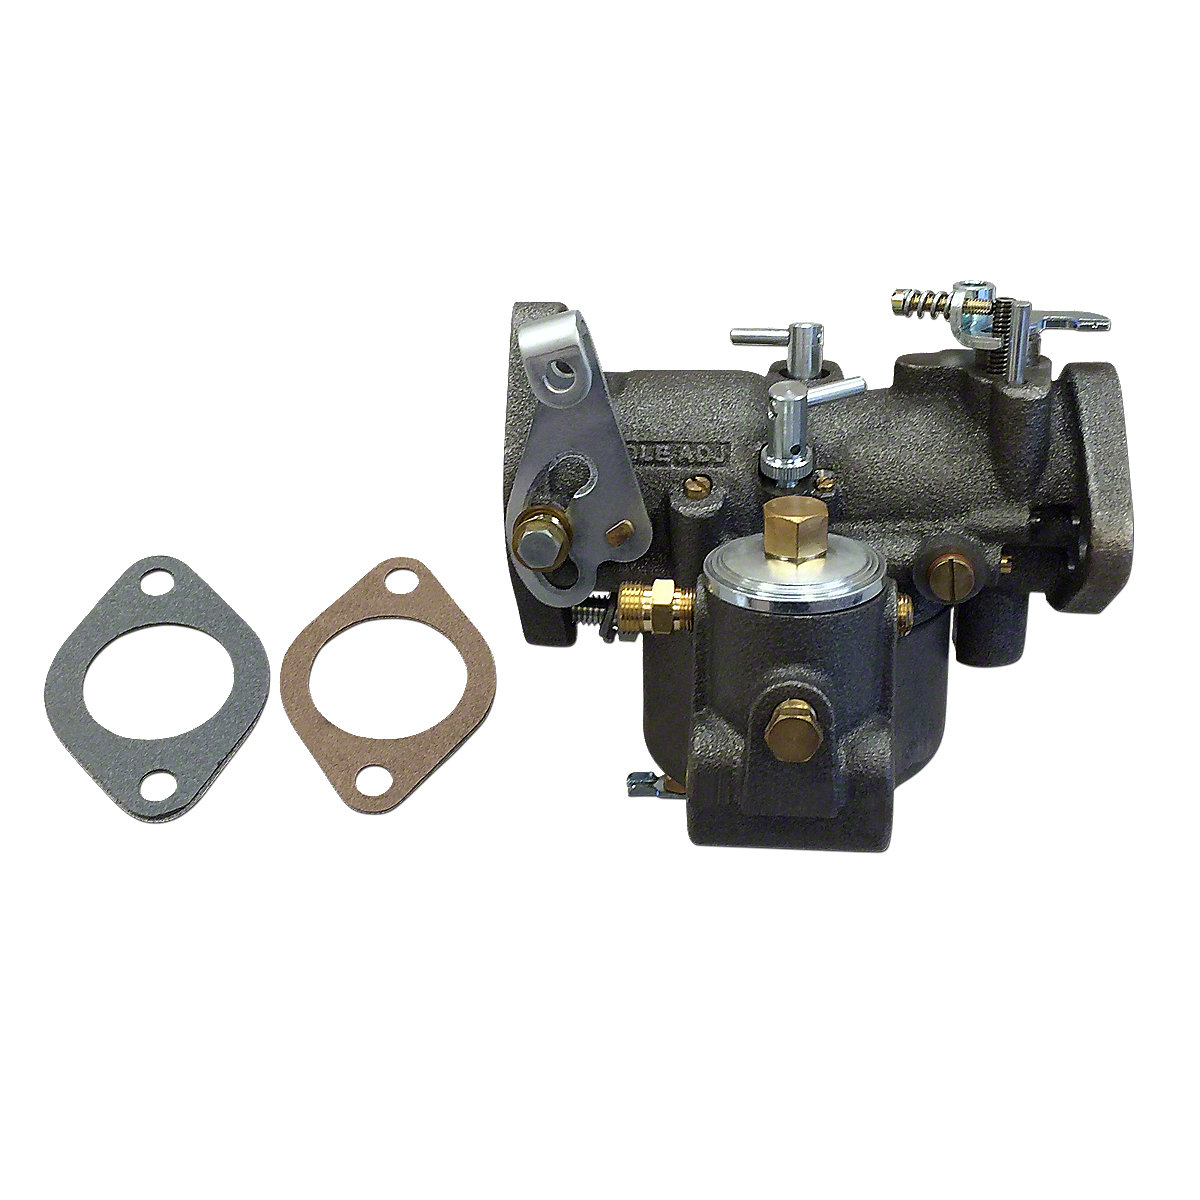 John Deere Tractor Carburetors : John deere b carburetor dltx